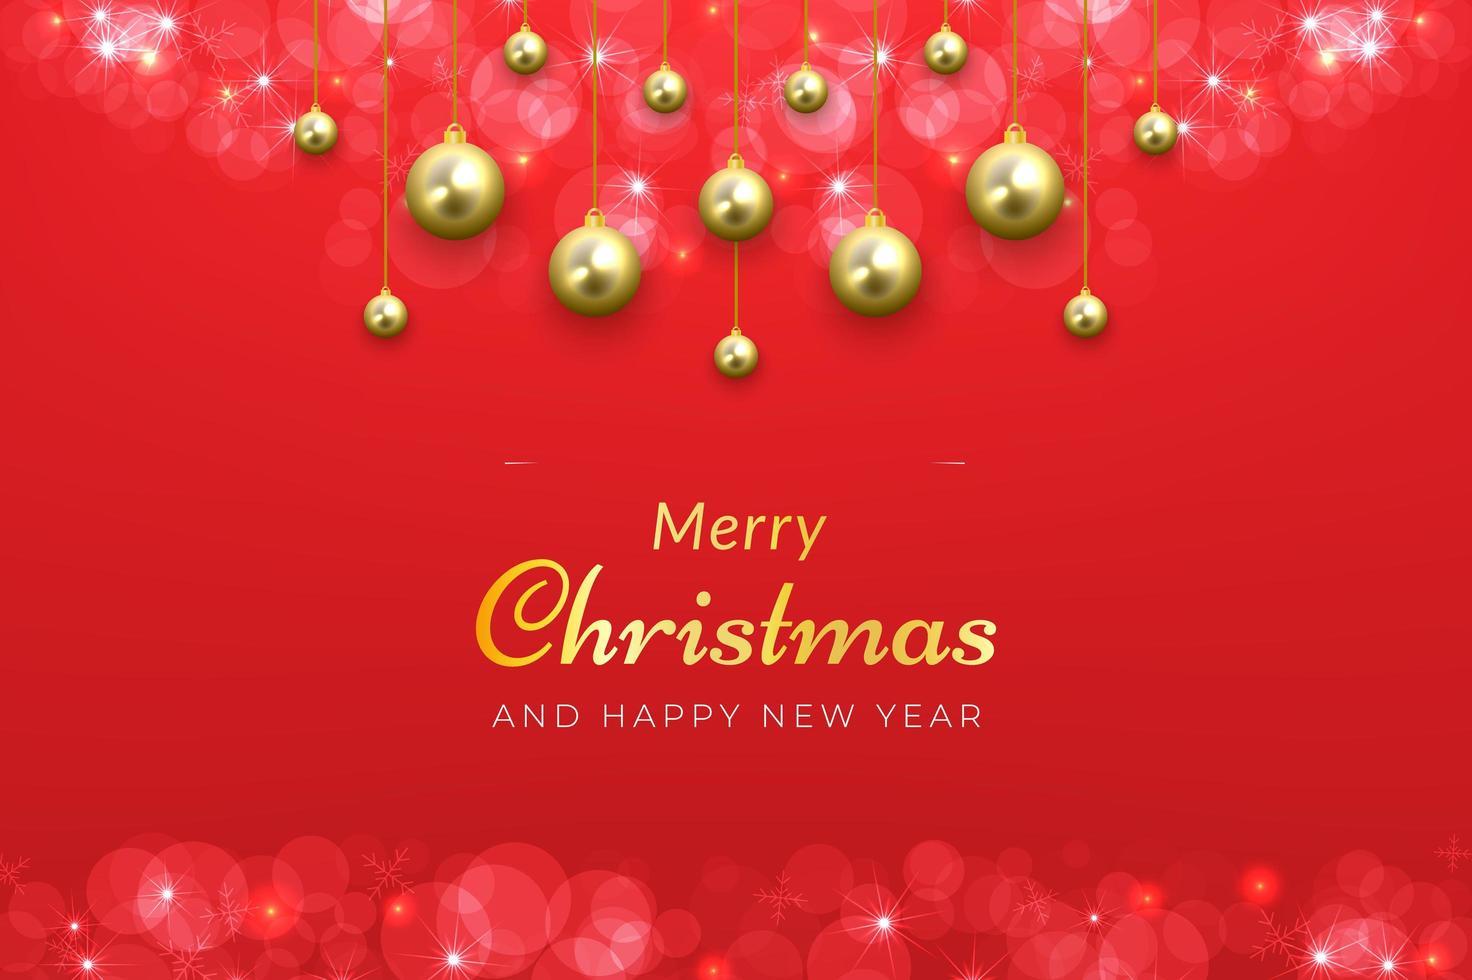 Kerst achtergrond in rood met gouden hangende ornamenten vector